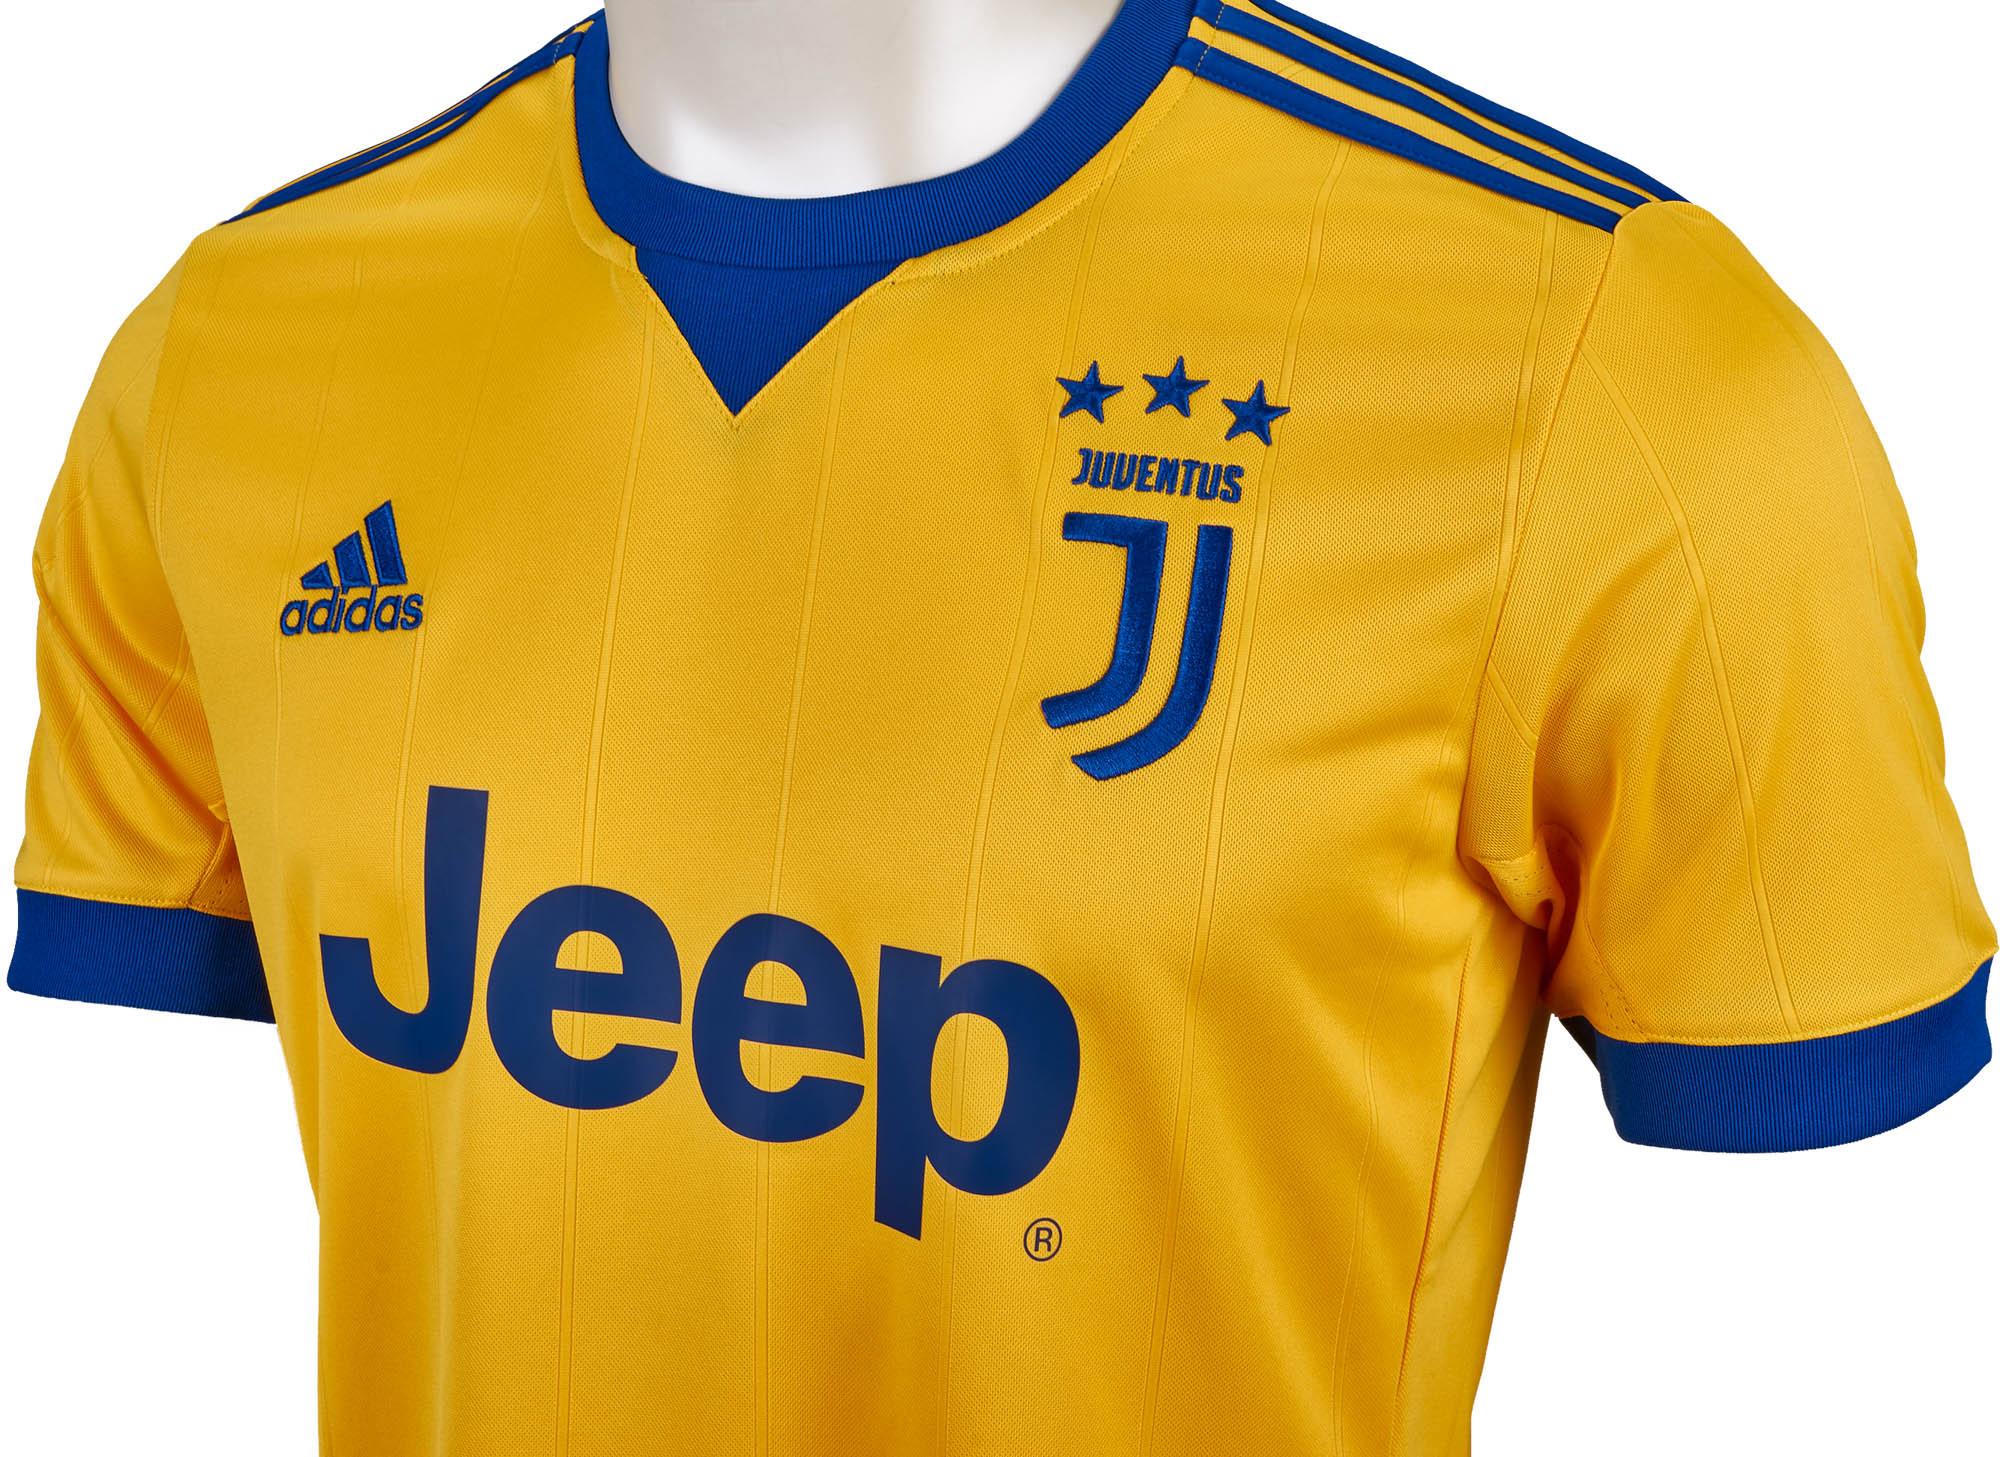 767c2d069 2017 18 adidas Kids Juventus Away Jersey- Youth Jerseys